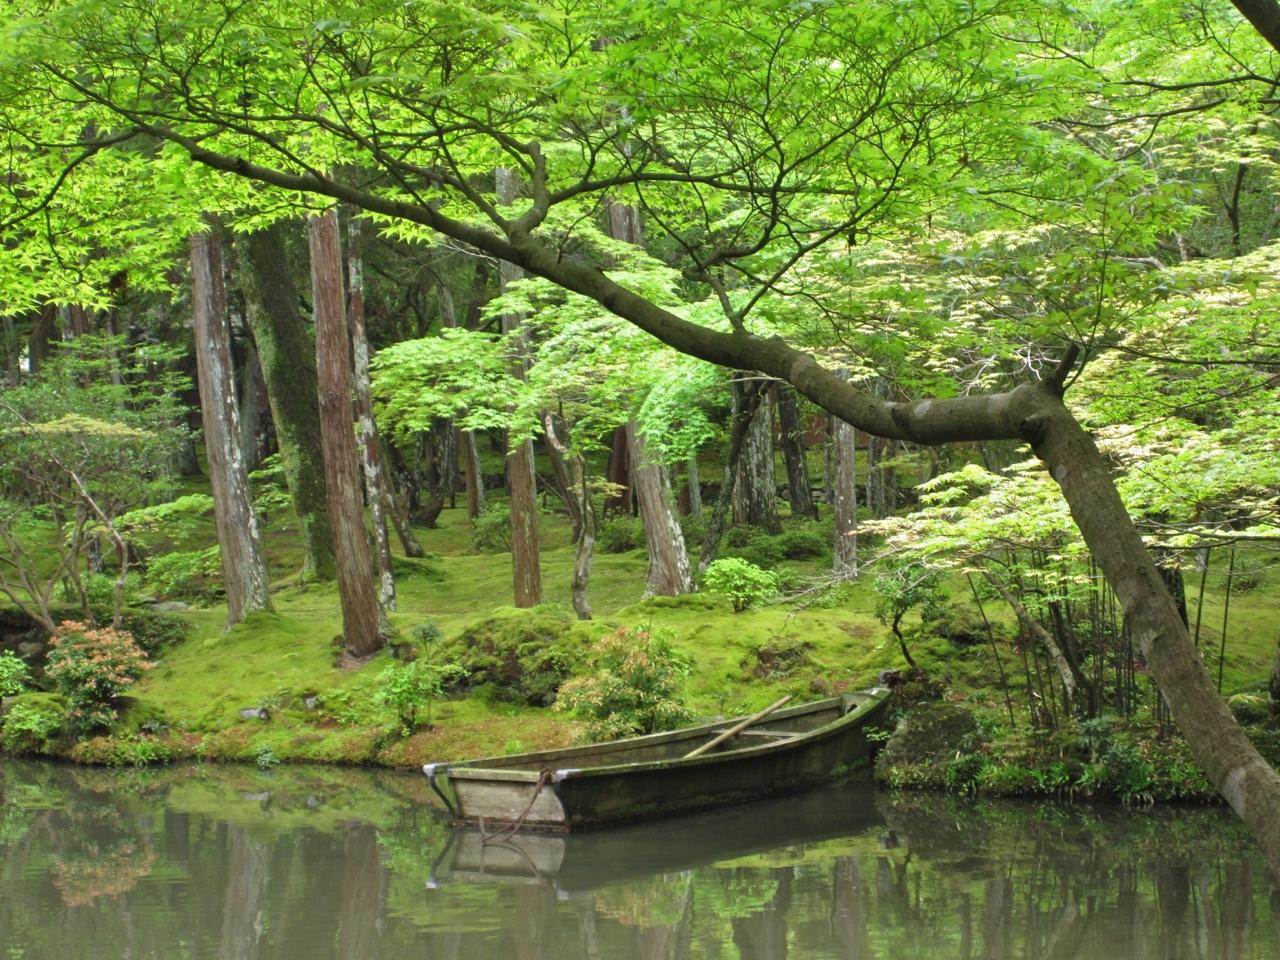 301 moved permanently - Moosgarten kyoto ...